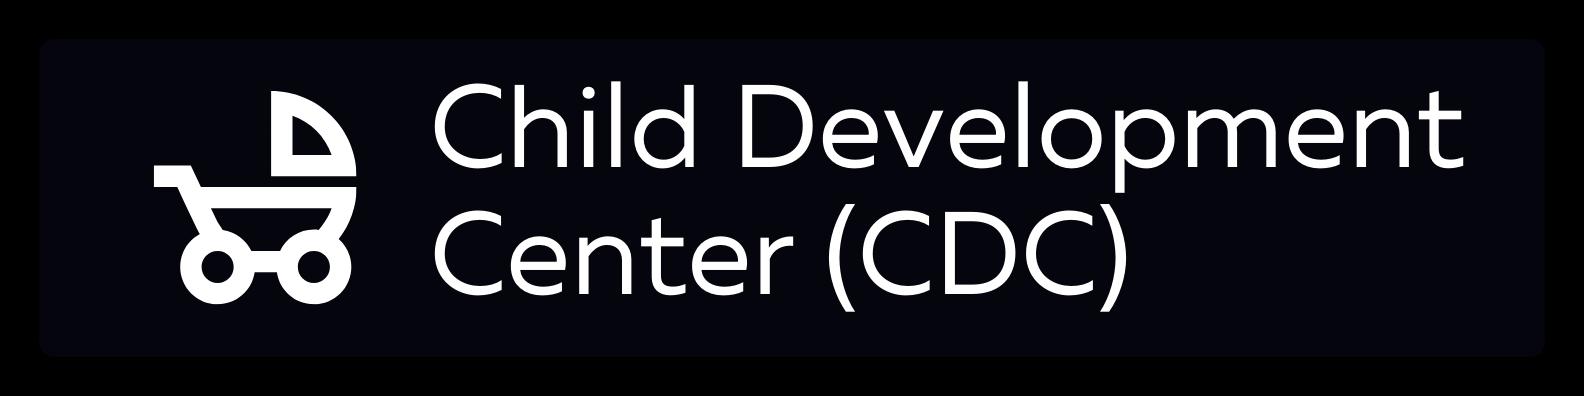 Child Development Center Button